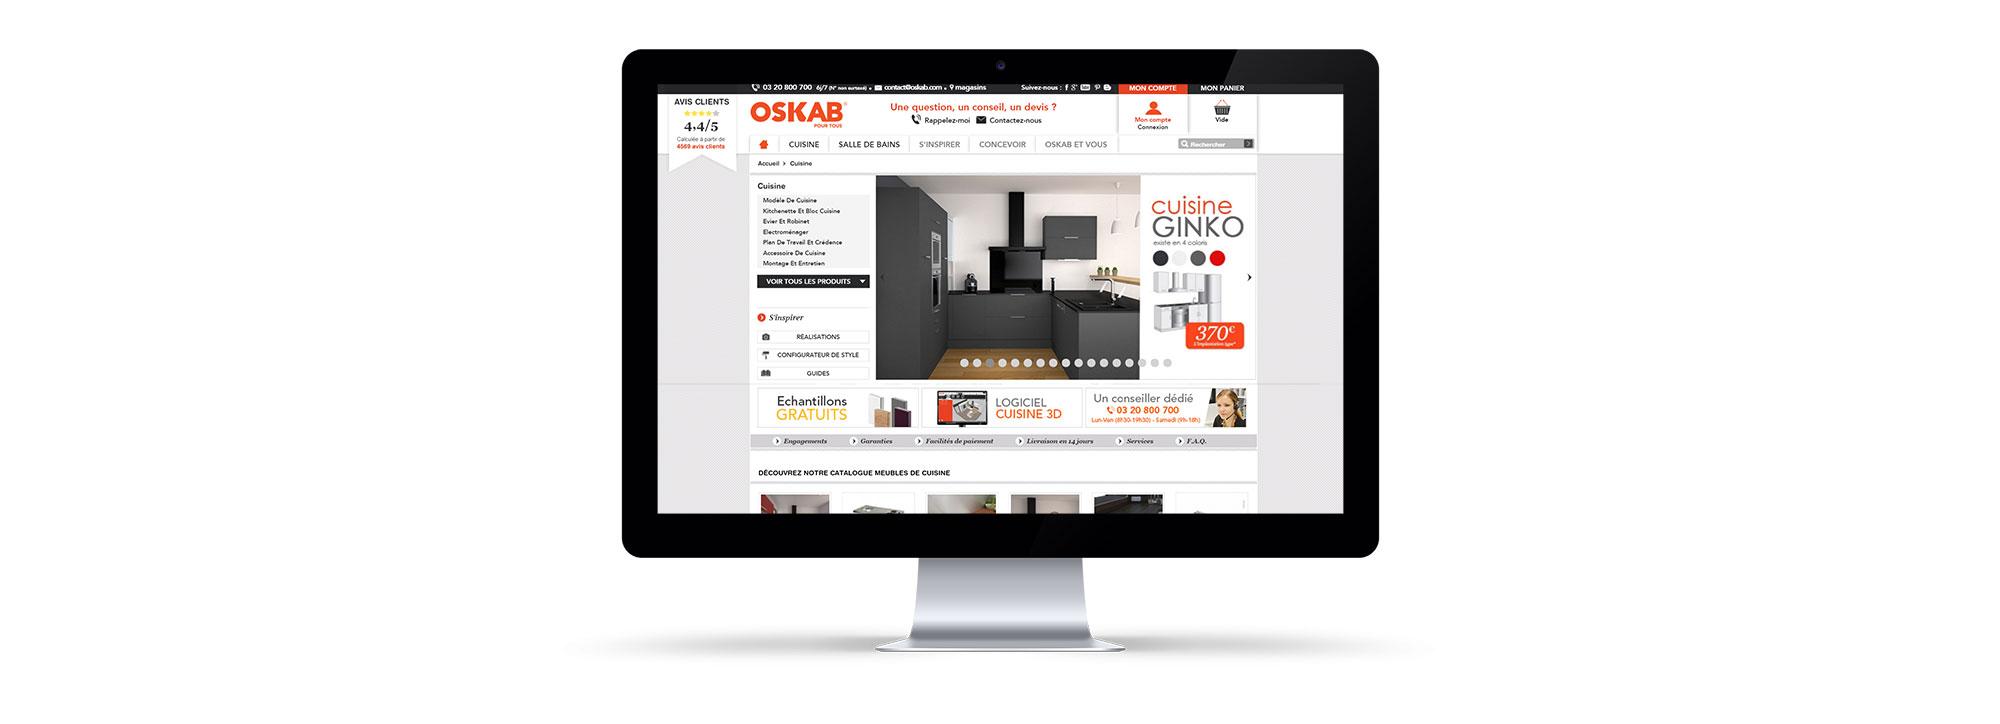 oskab portailpro site internet prestashop with oskab cuisine 3d. Black Bedroom Furniture Sets. Home Design Ideas